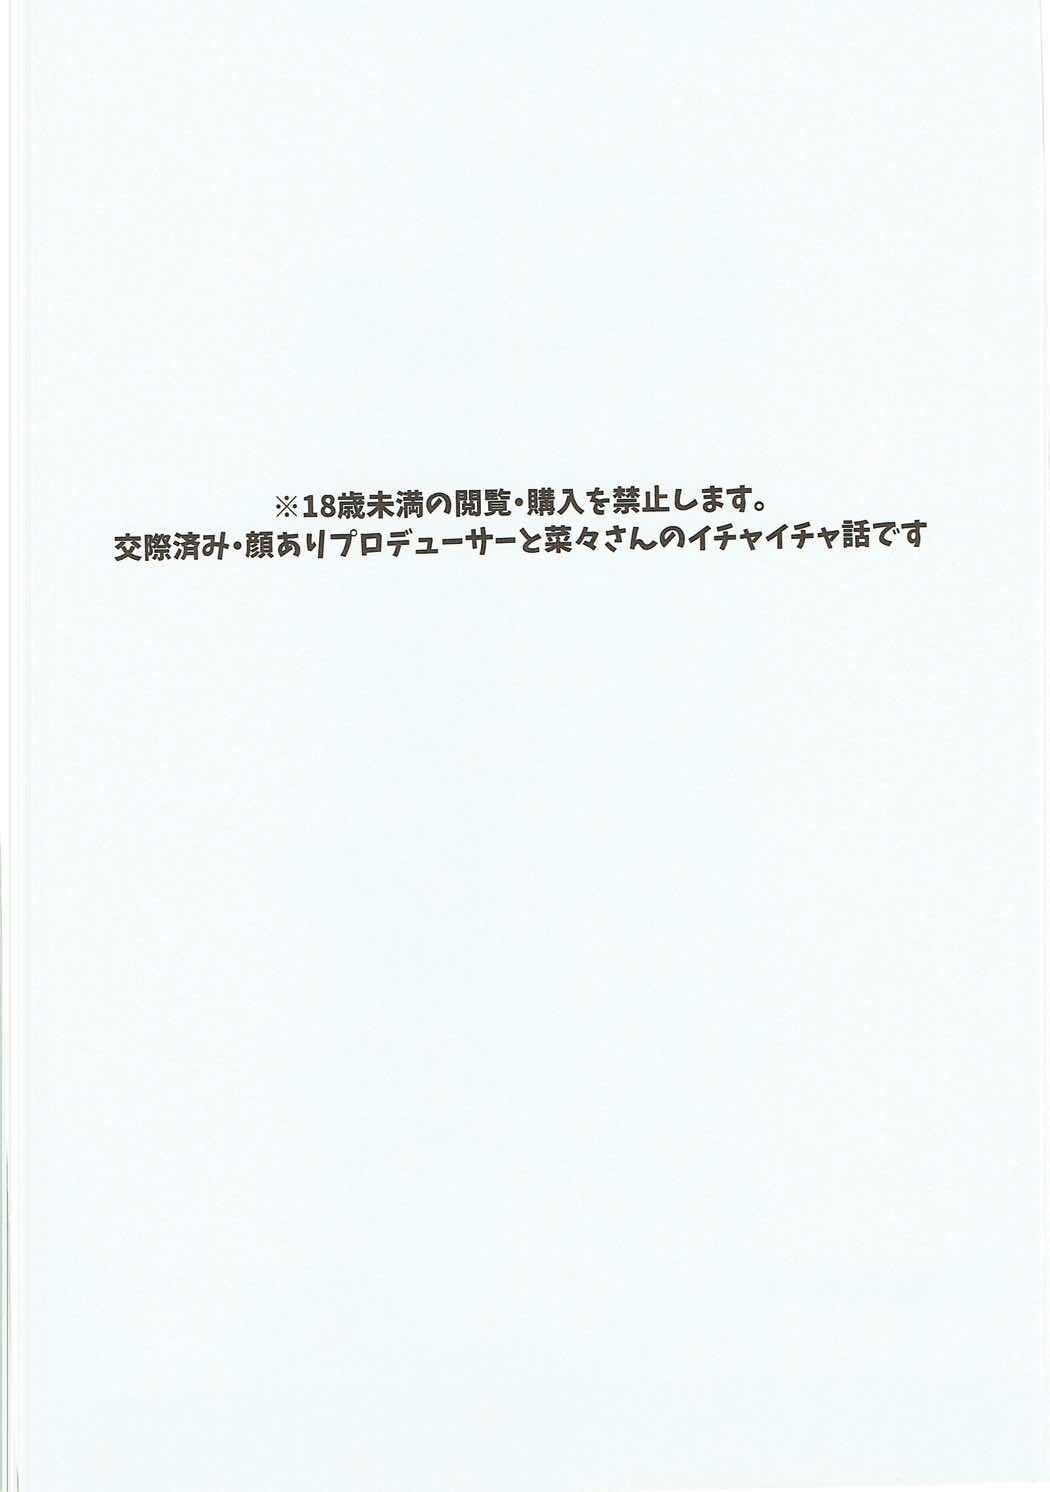 Boku no Nana-san wa Horoyoi Koyoi 2